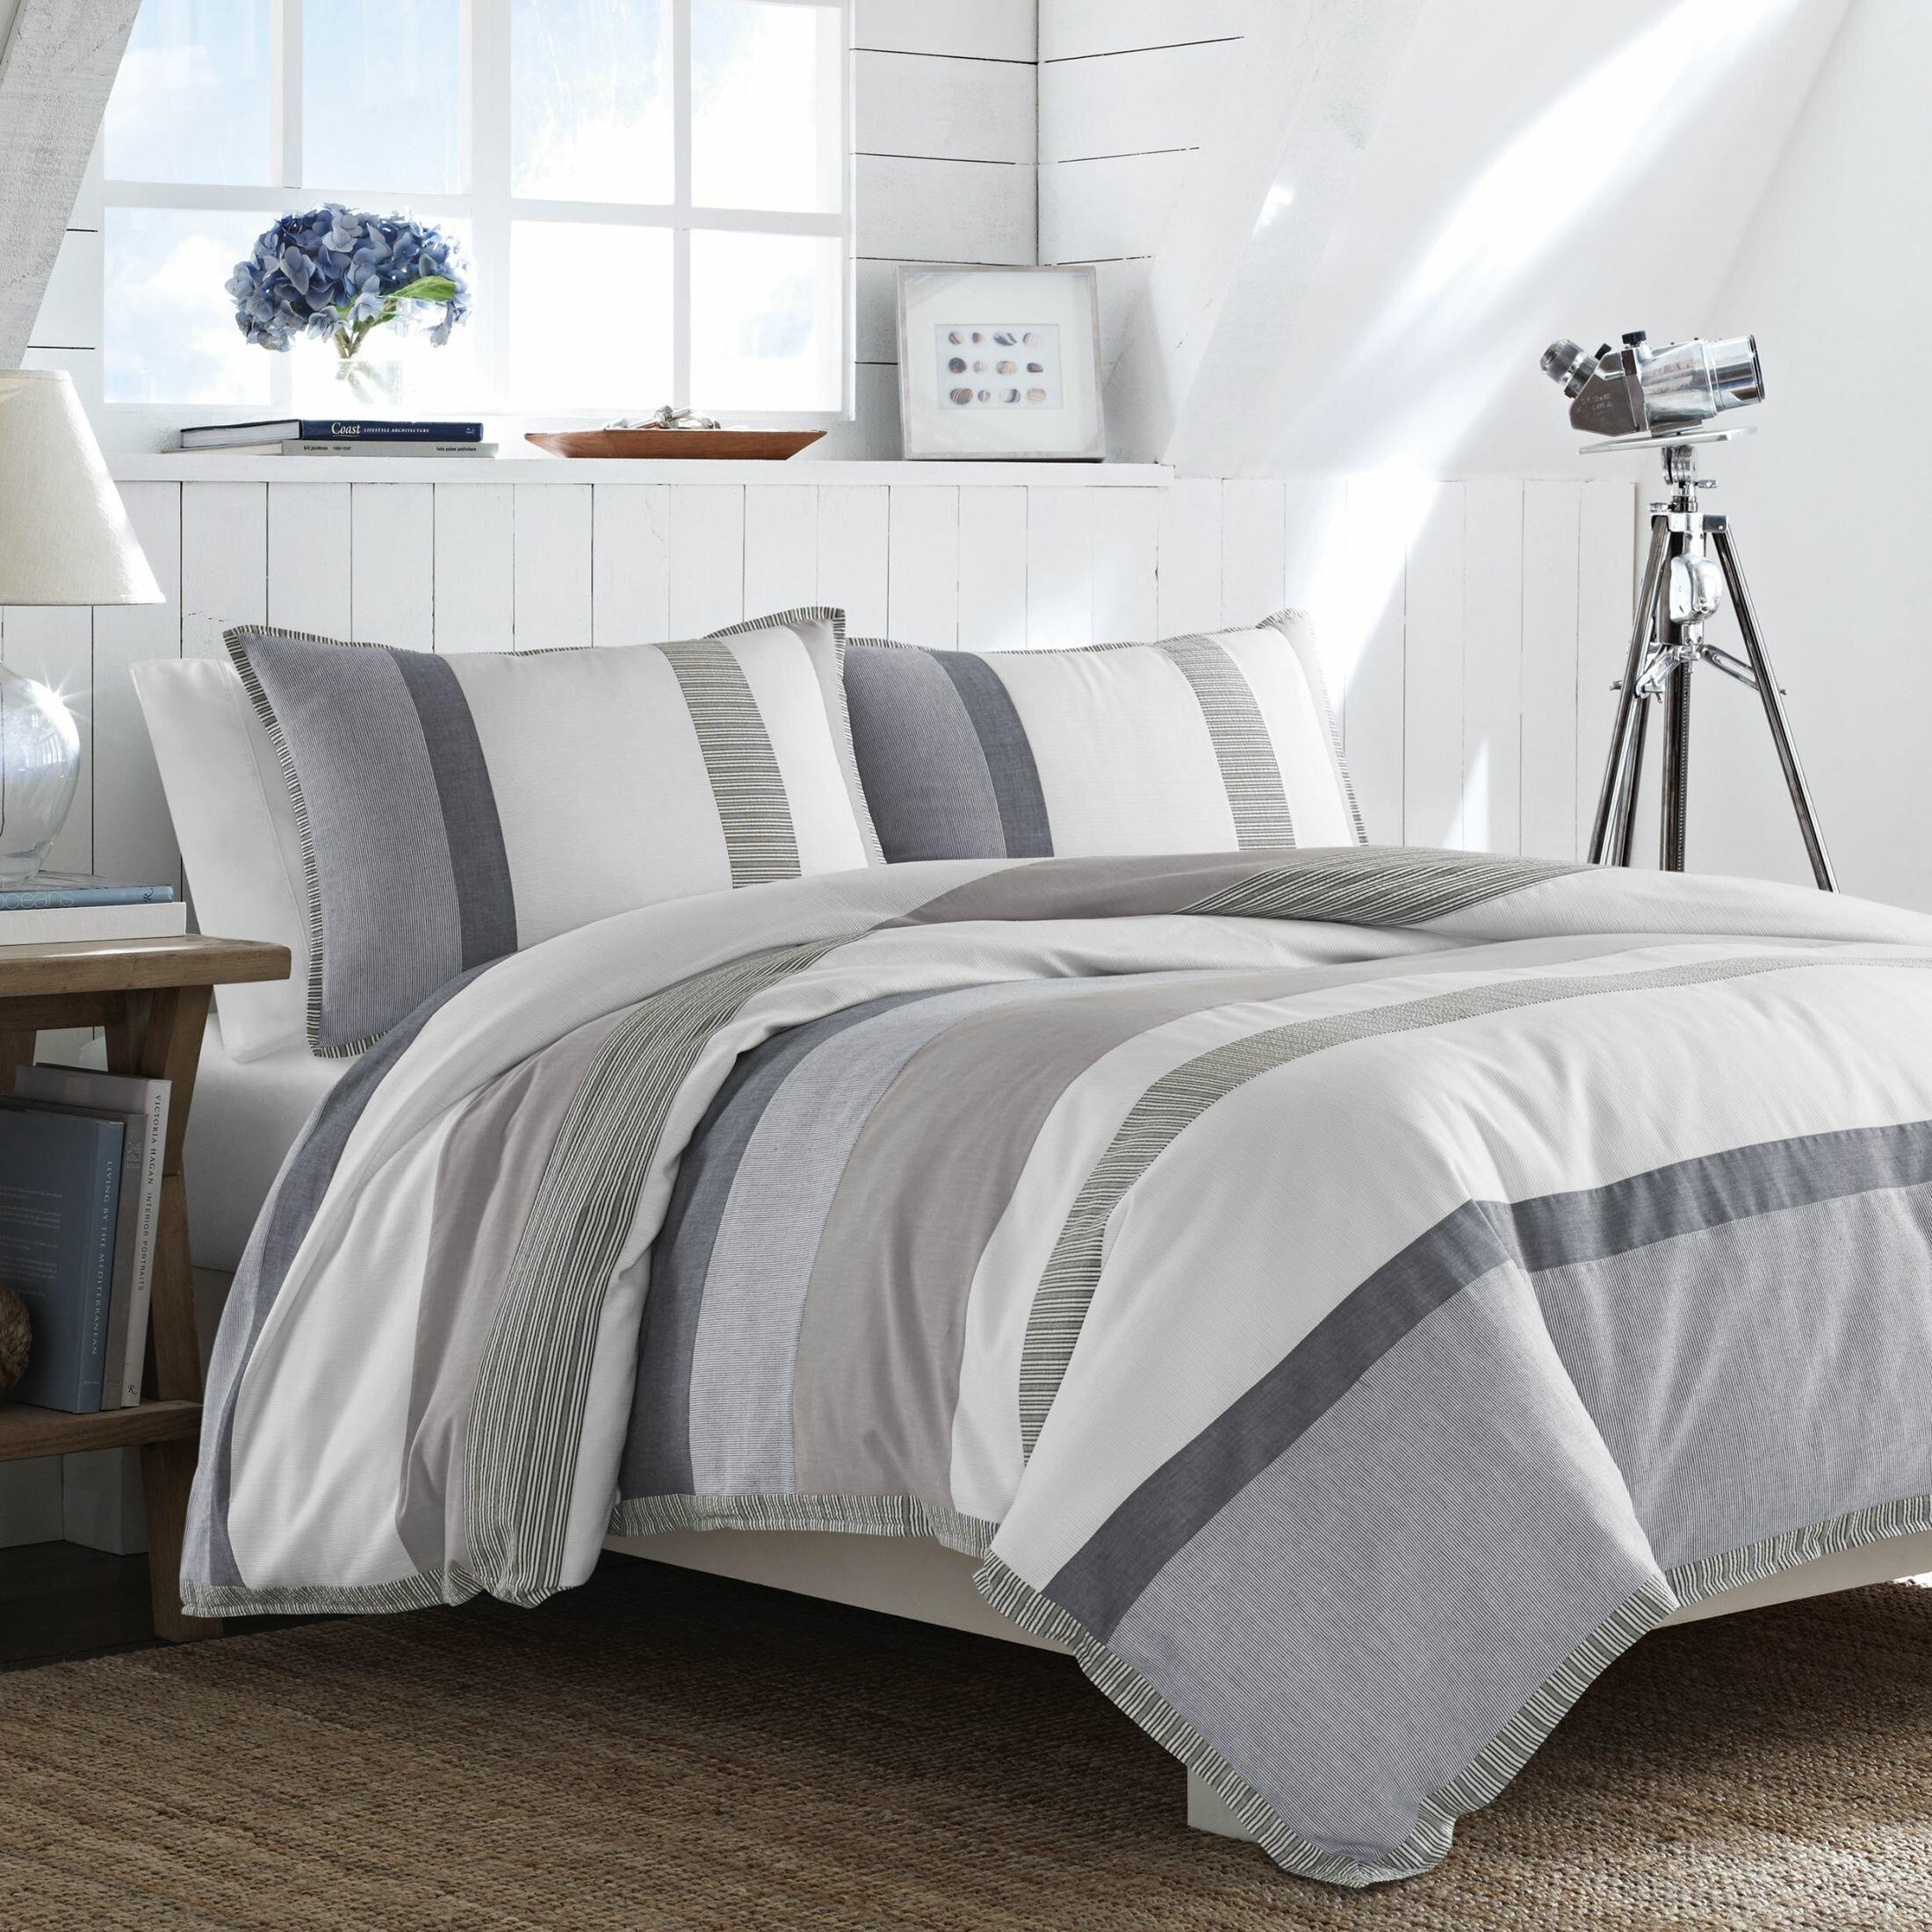 Nautica Bedroom Furniture Nautica Tideway Comforter Set Reviews Wayfair